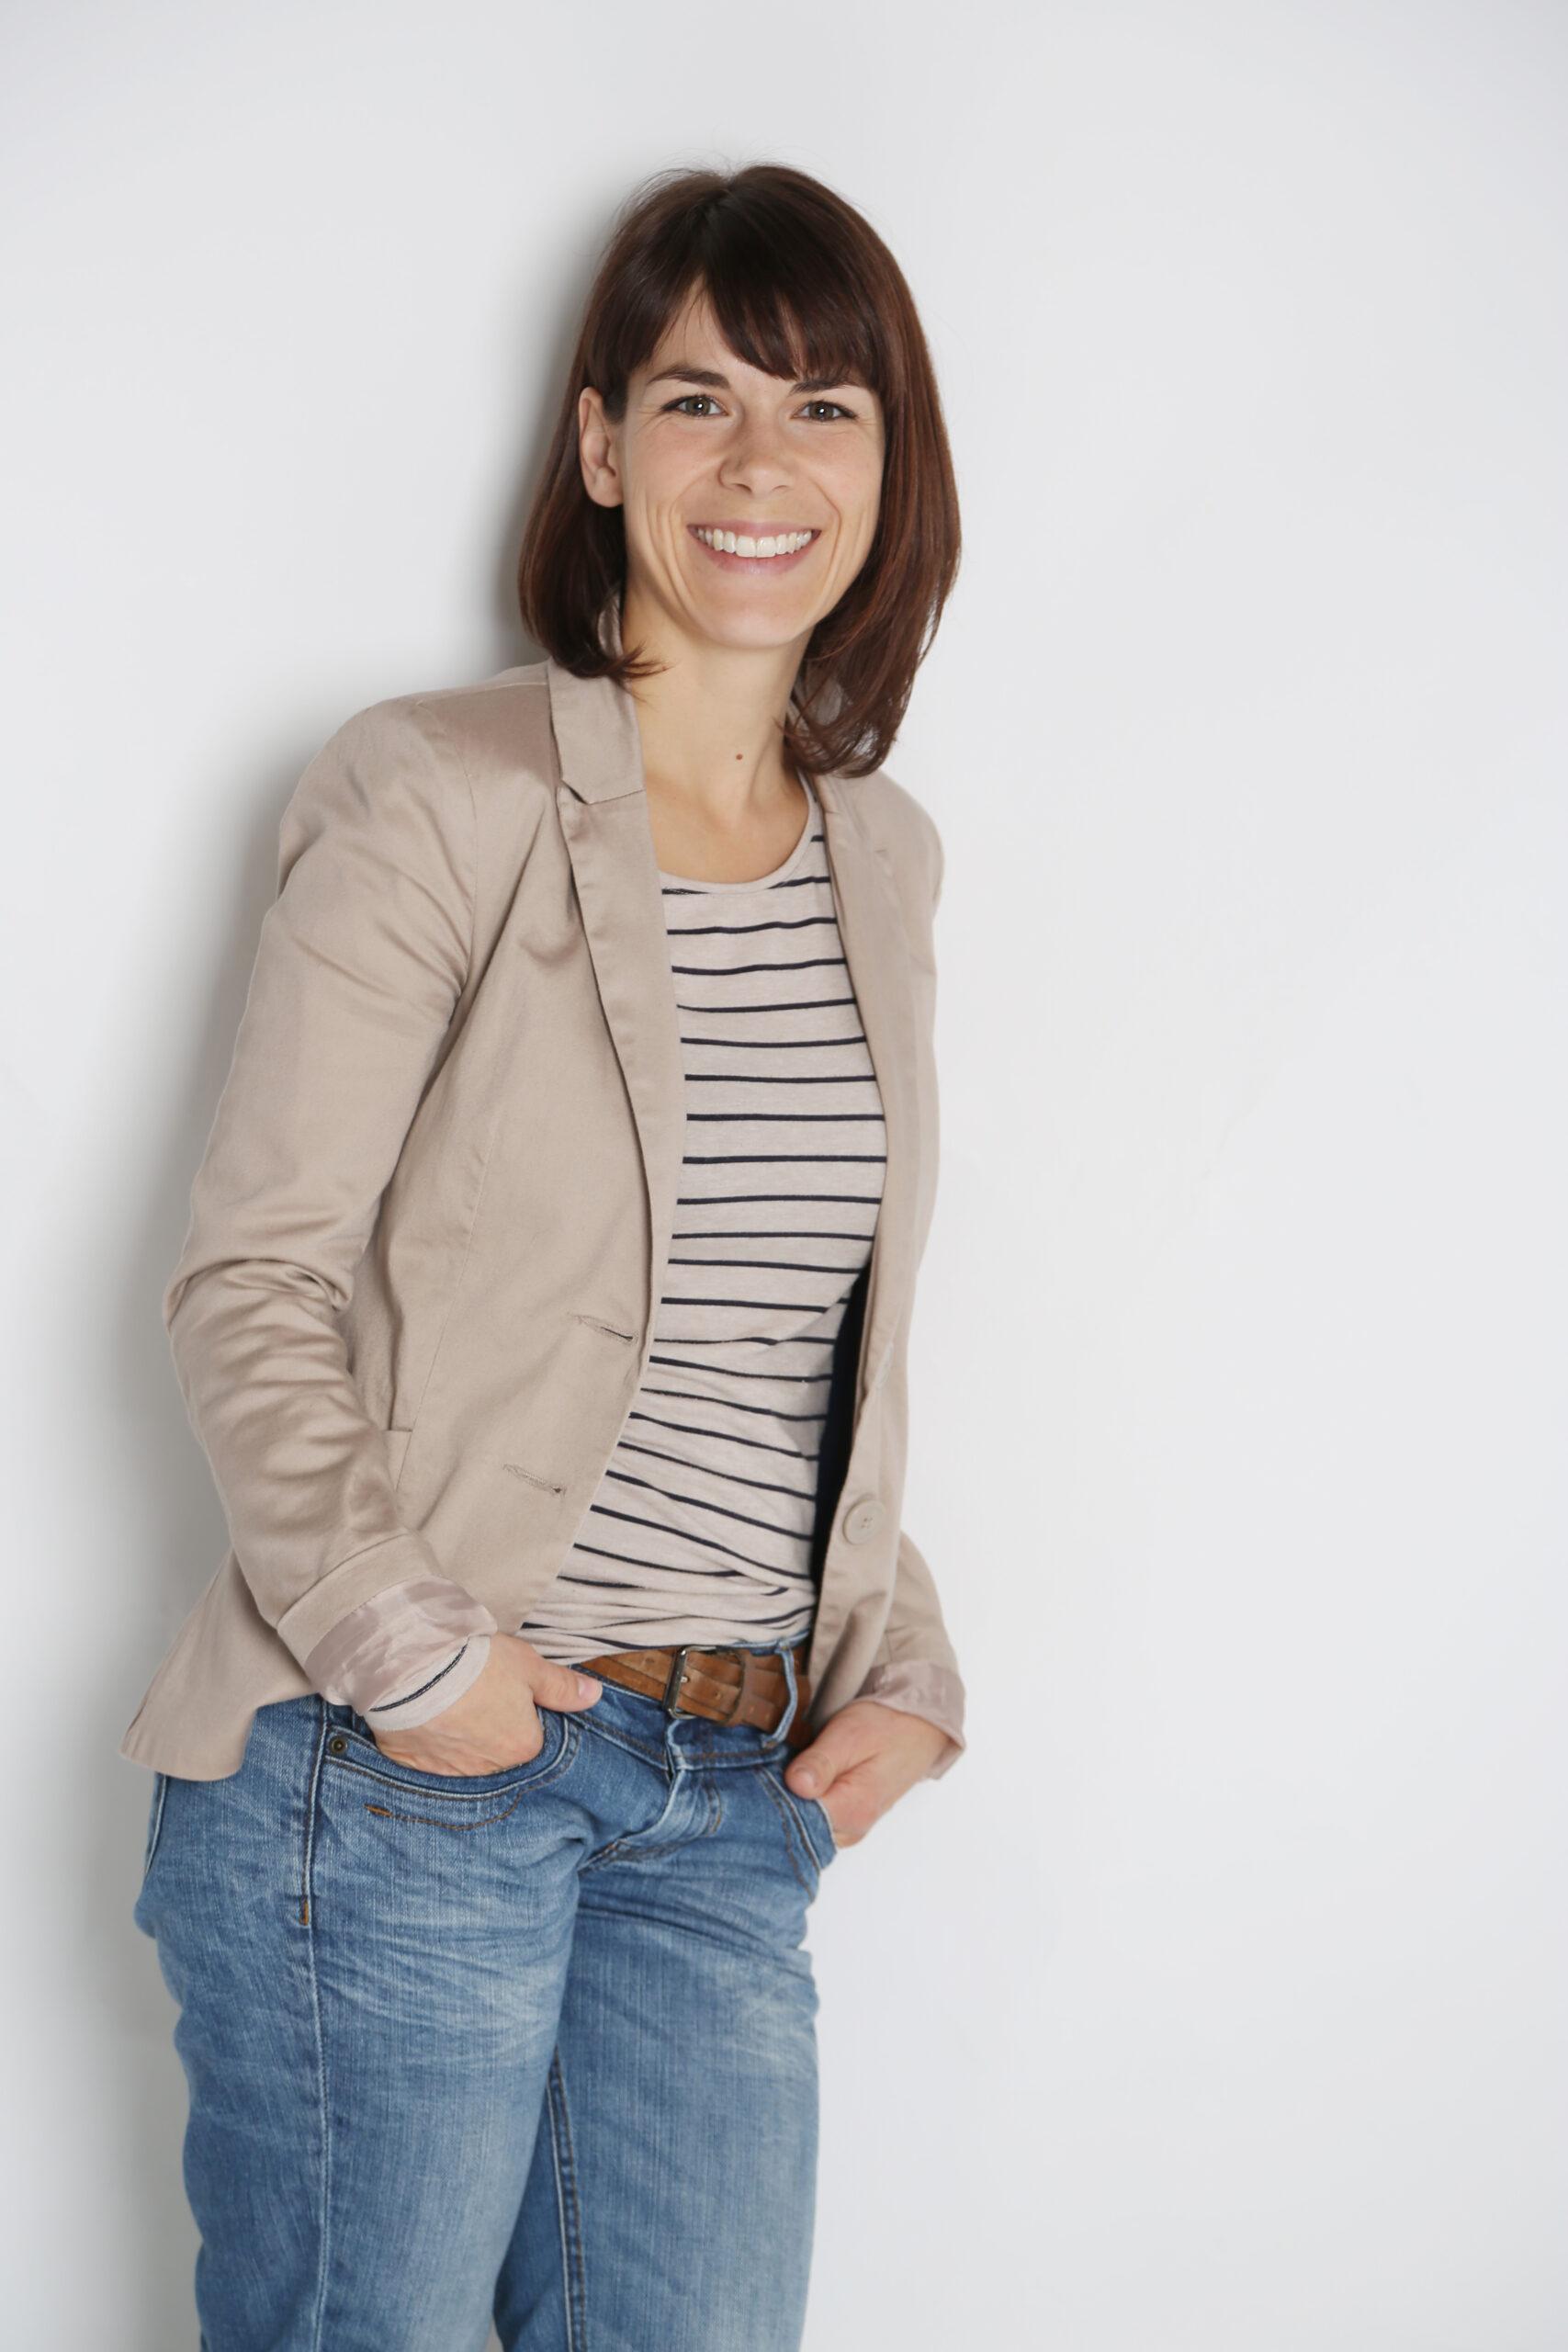 Elke Kleinknecht